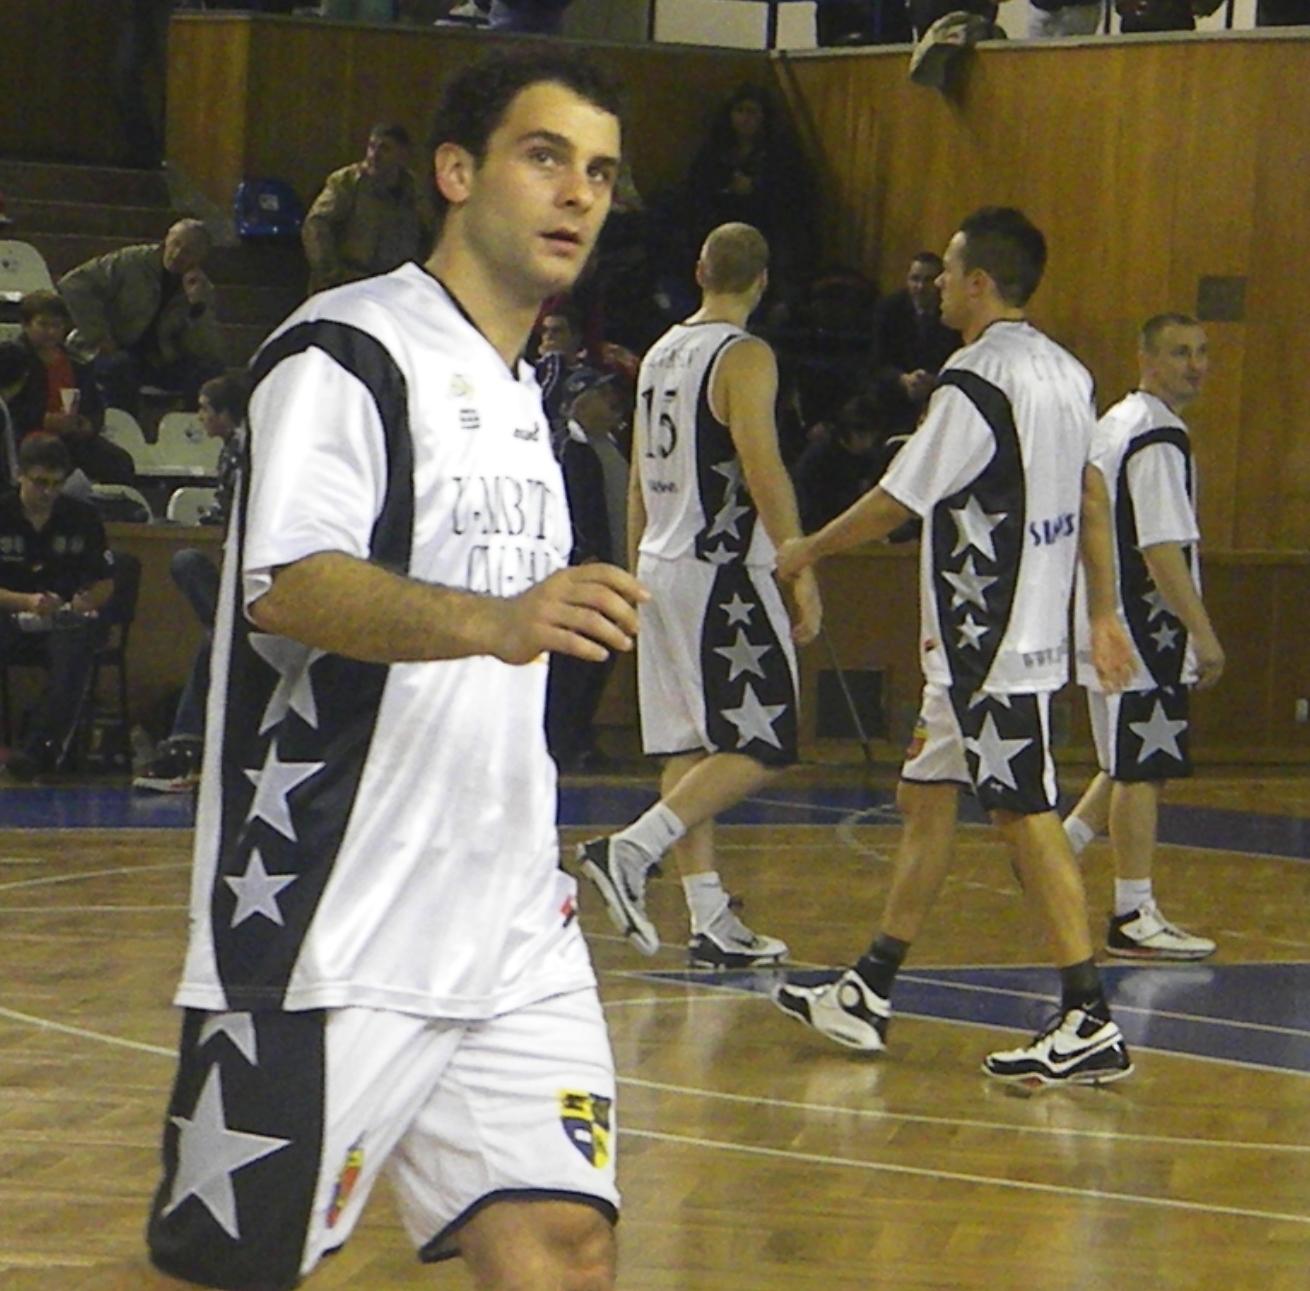 Paul Chetreanu